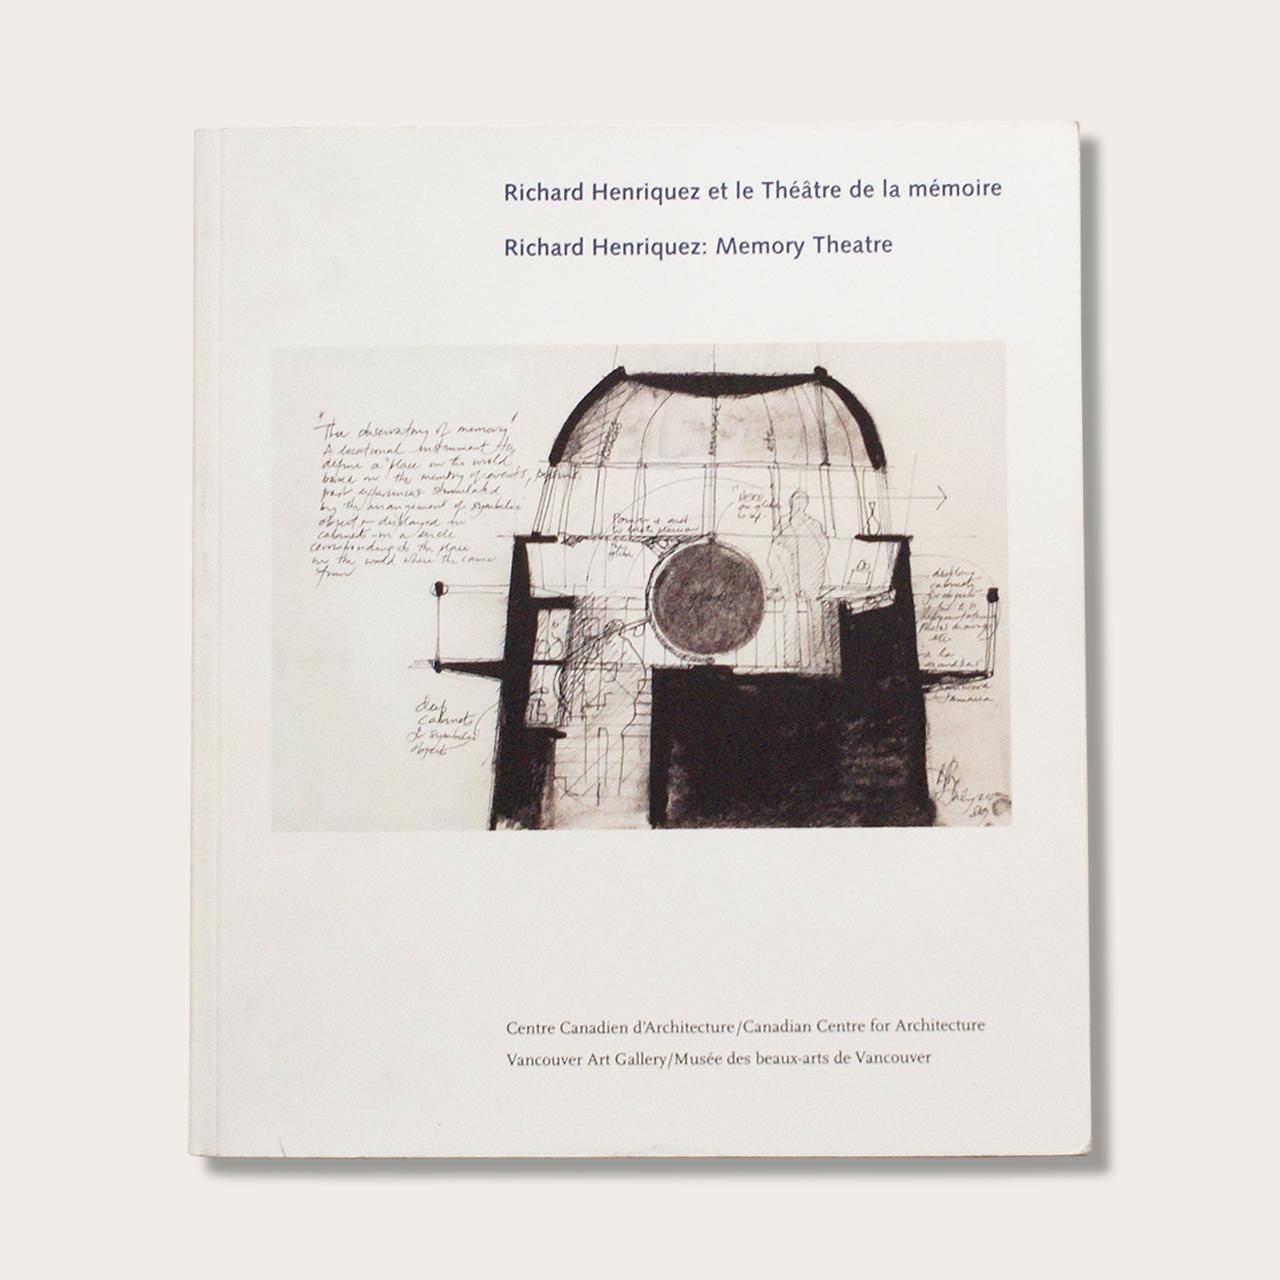 Richard Henriquez: Memory Theatre book cover.